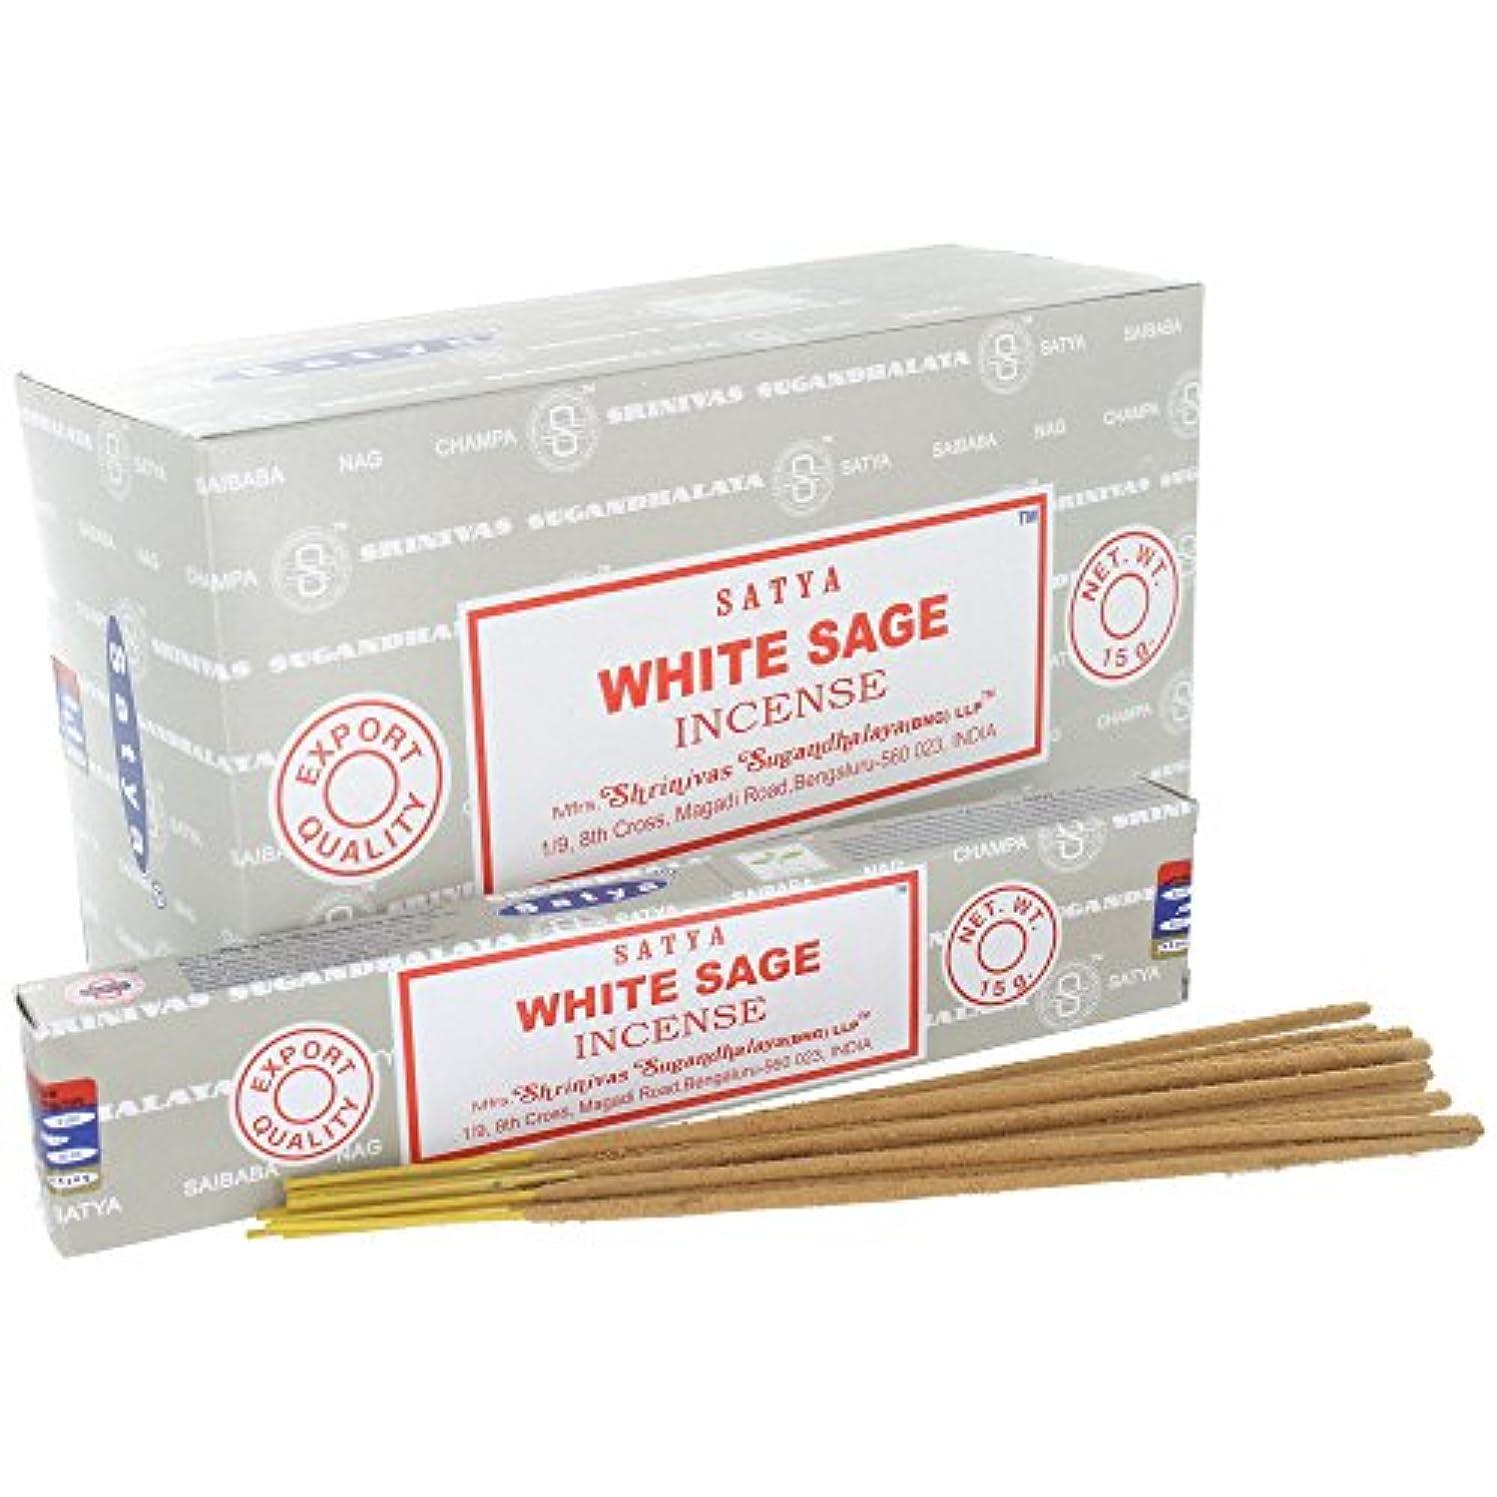 水銀の高める南方のSatya White Sage Incense Sticks (Box) 15g X 12 = 180g